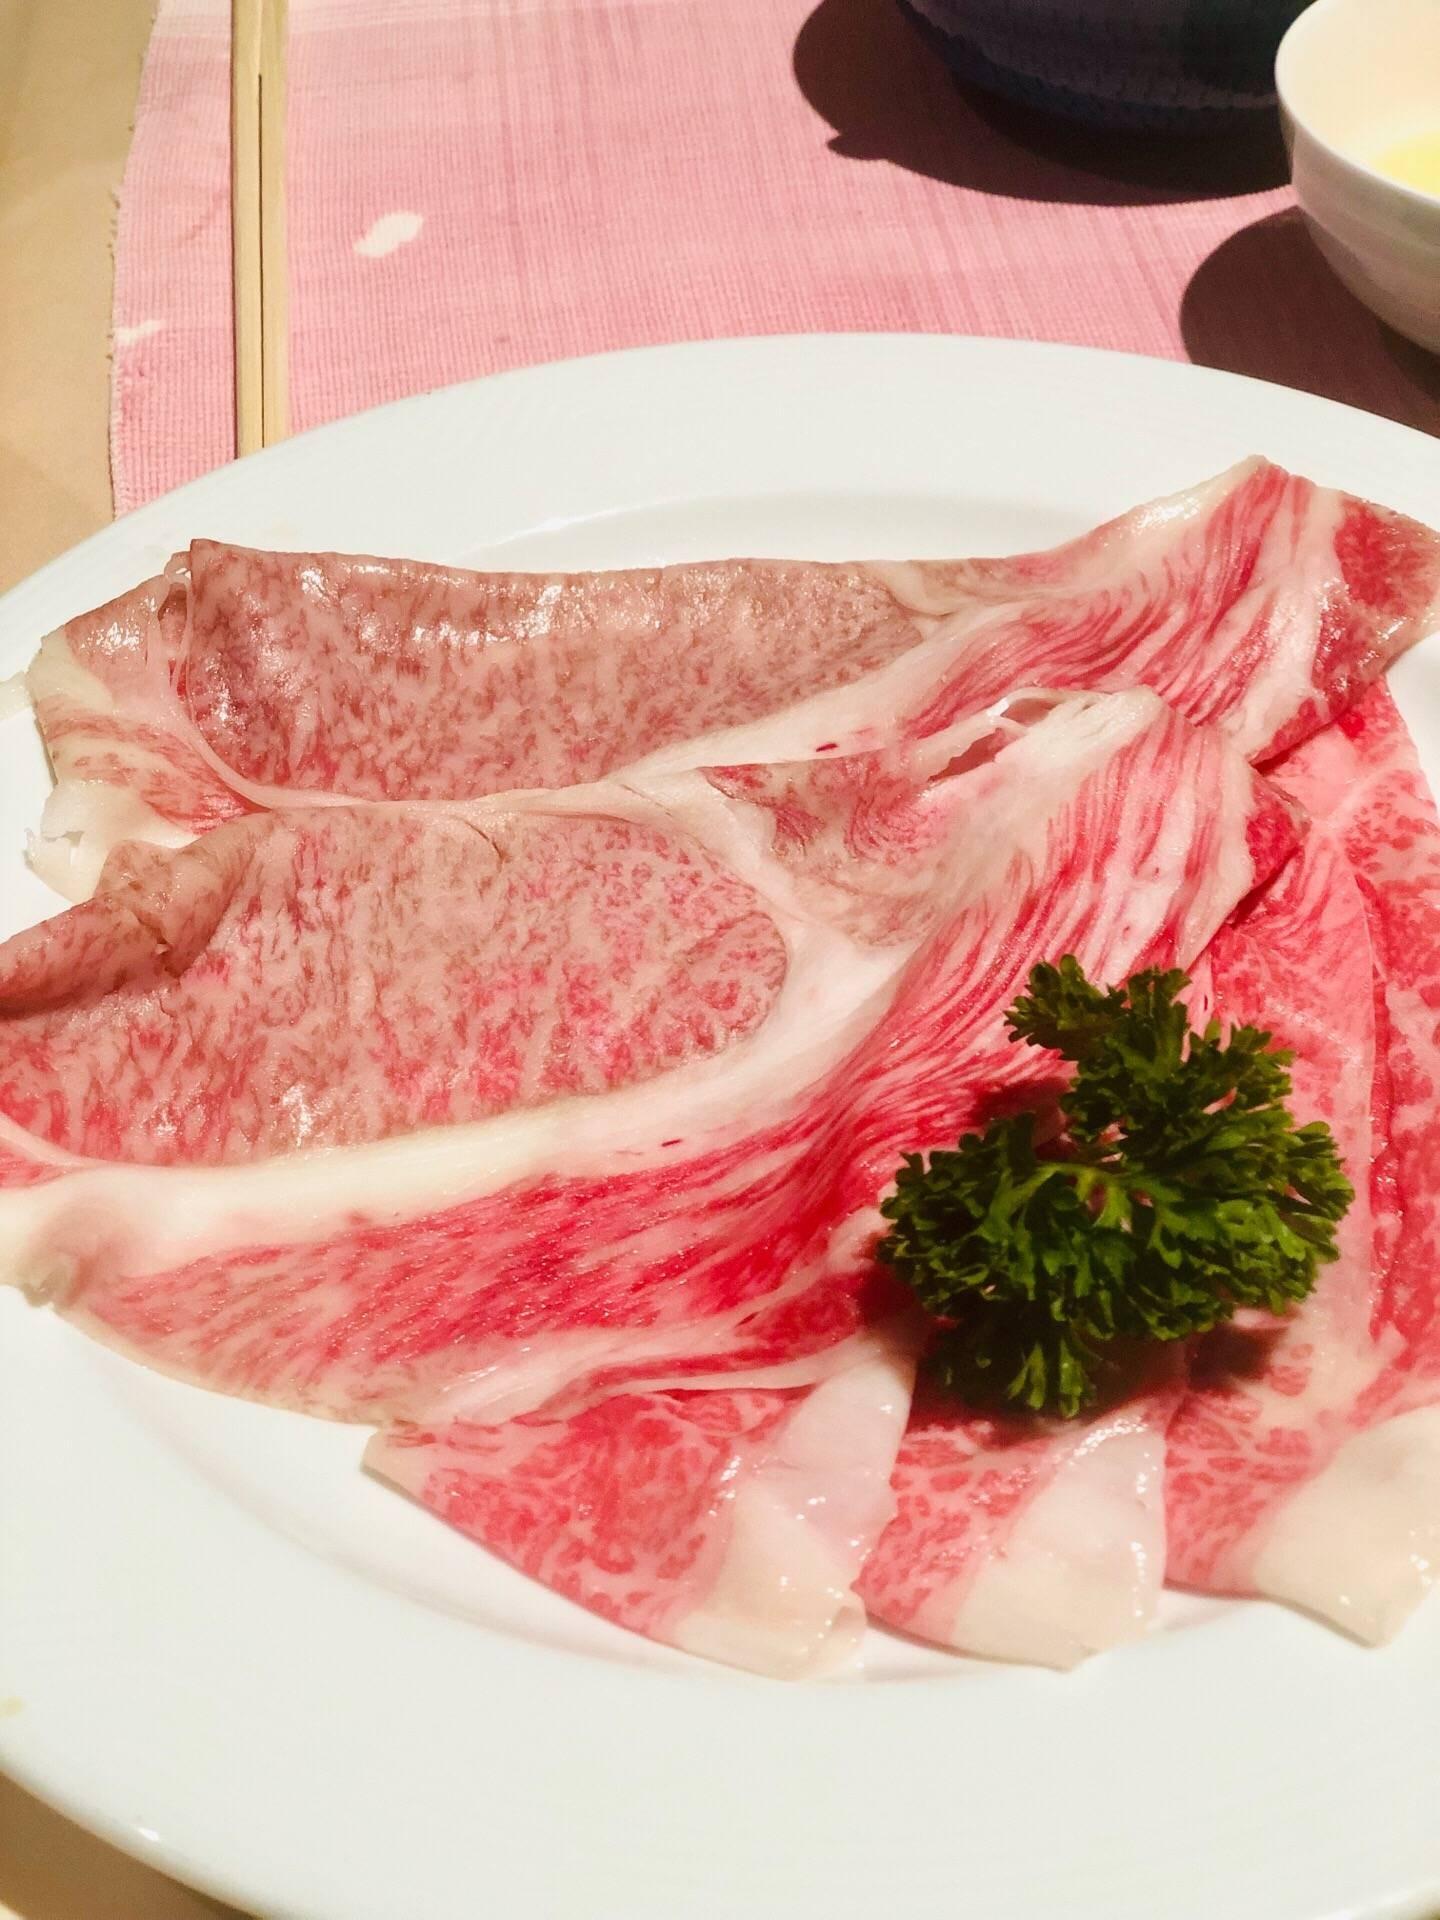 เนื้อญี่ปุ่นชั้นดี ⭐️⭐️⭐️⭐️⭐️